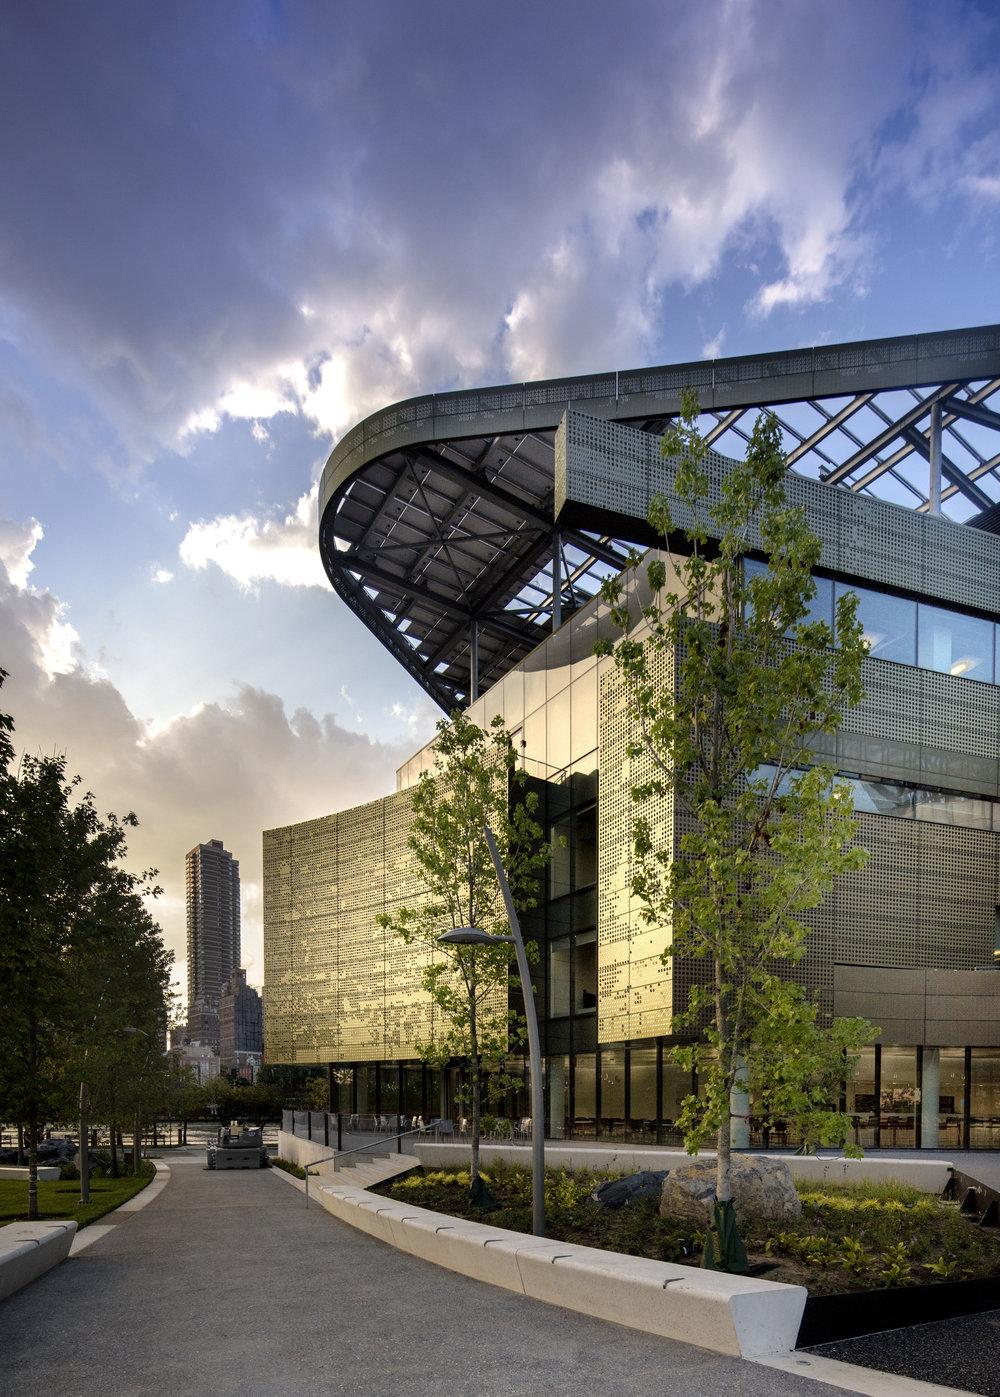 Bloomberg Center/Cornell Tech